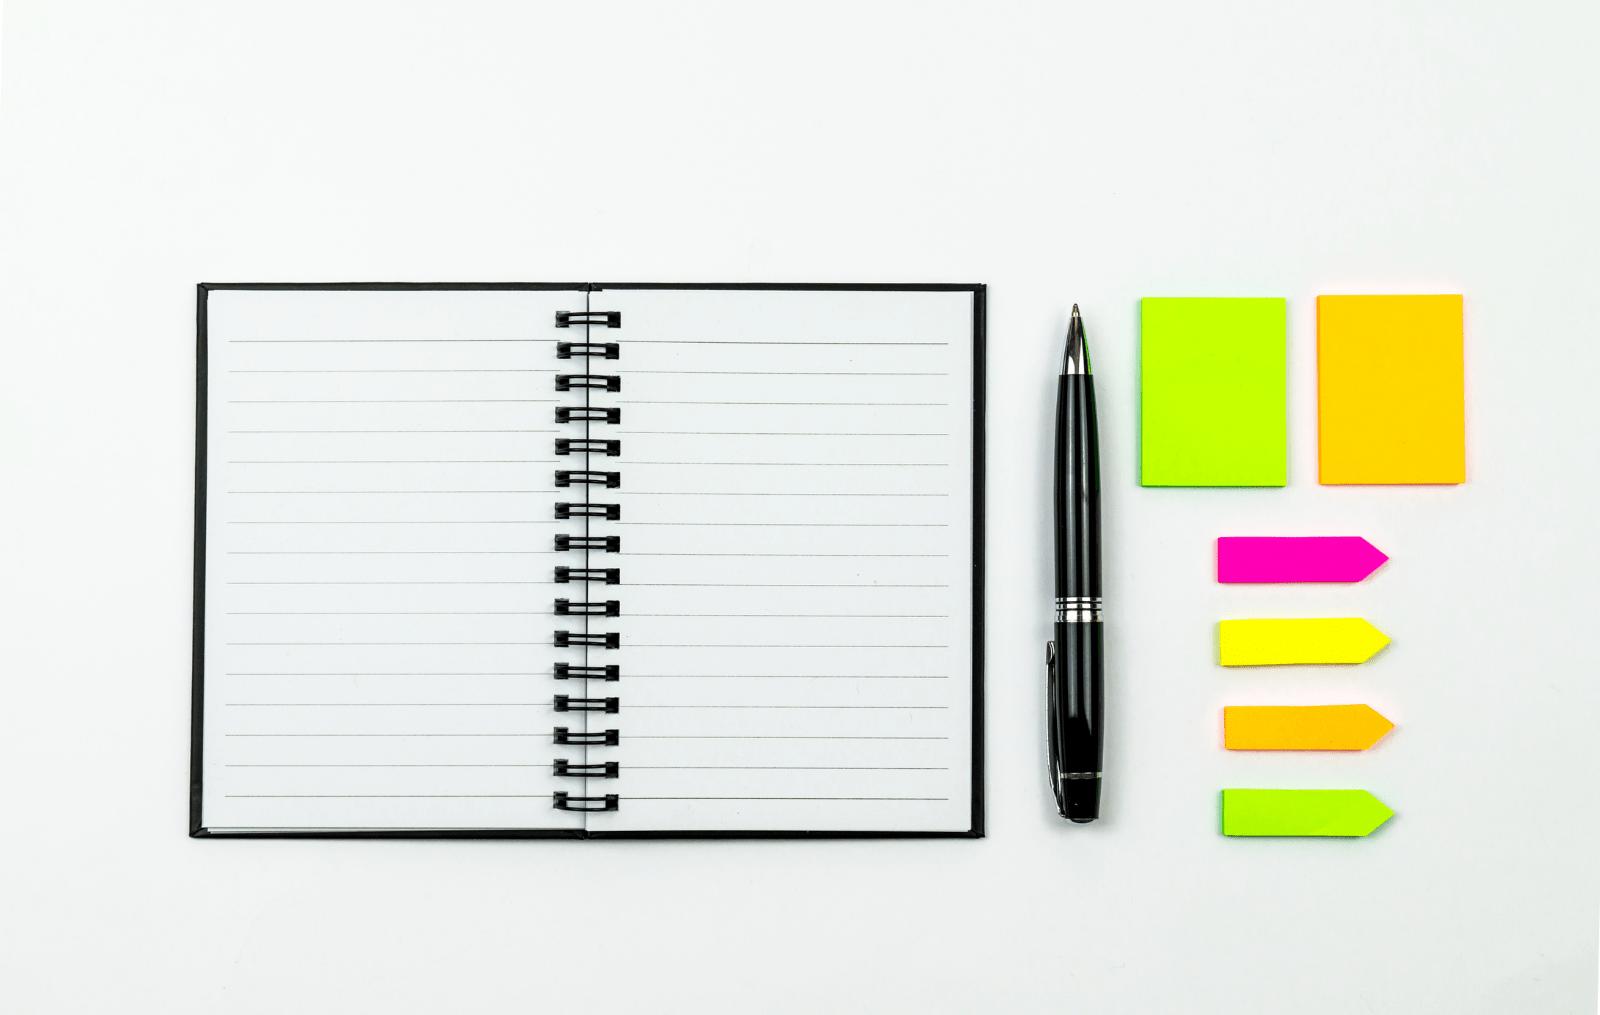 Como organizar os estudos?